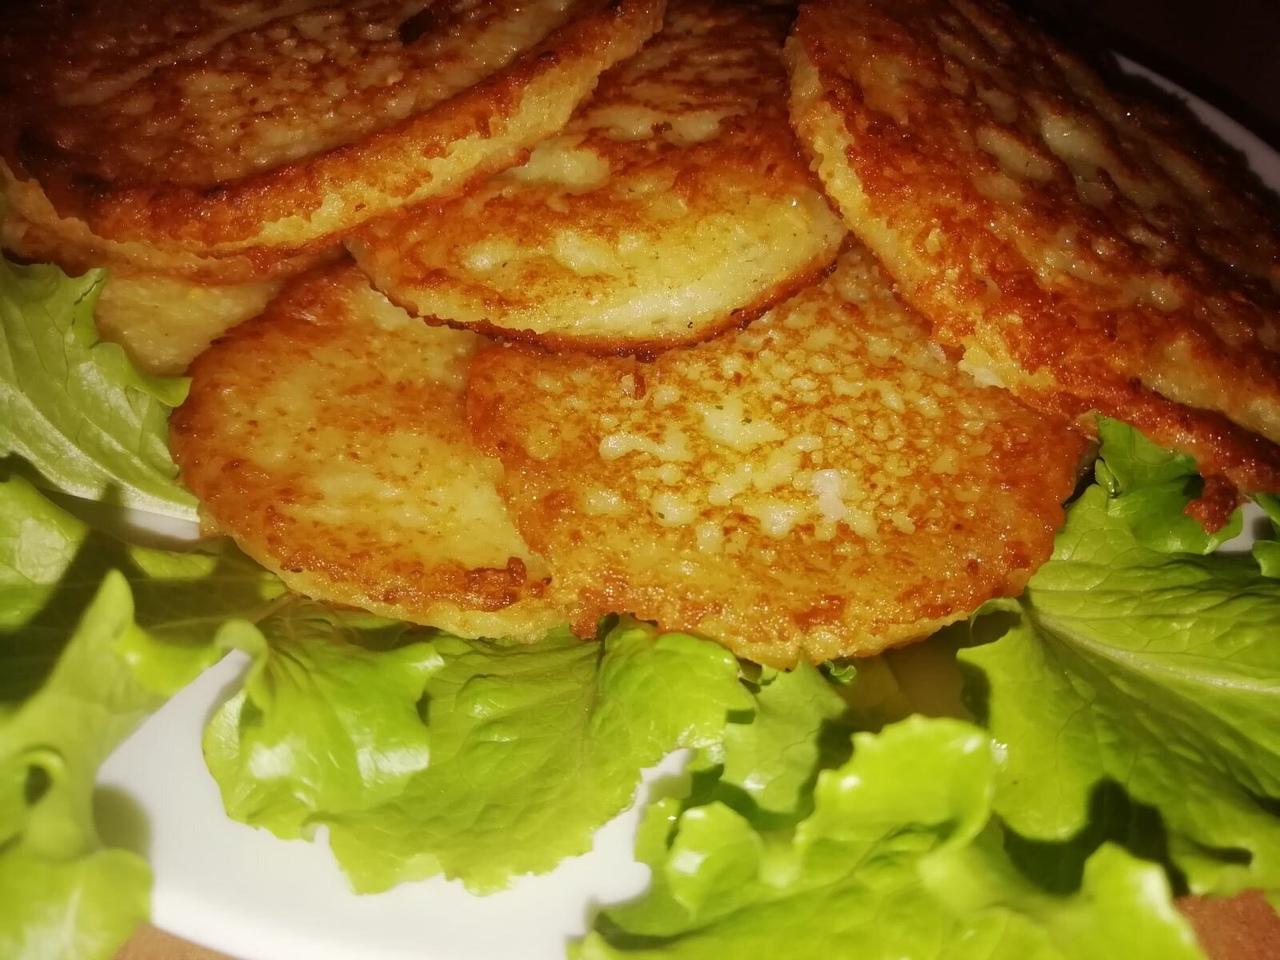 Картофельные лепешки - готовить быстро и просто, а получаются вкусными и сытными...